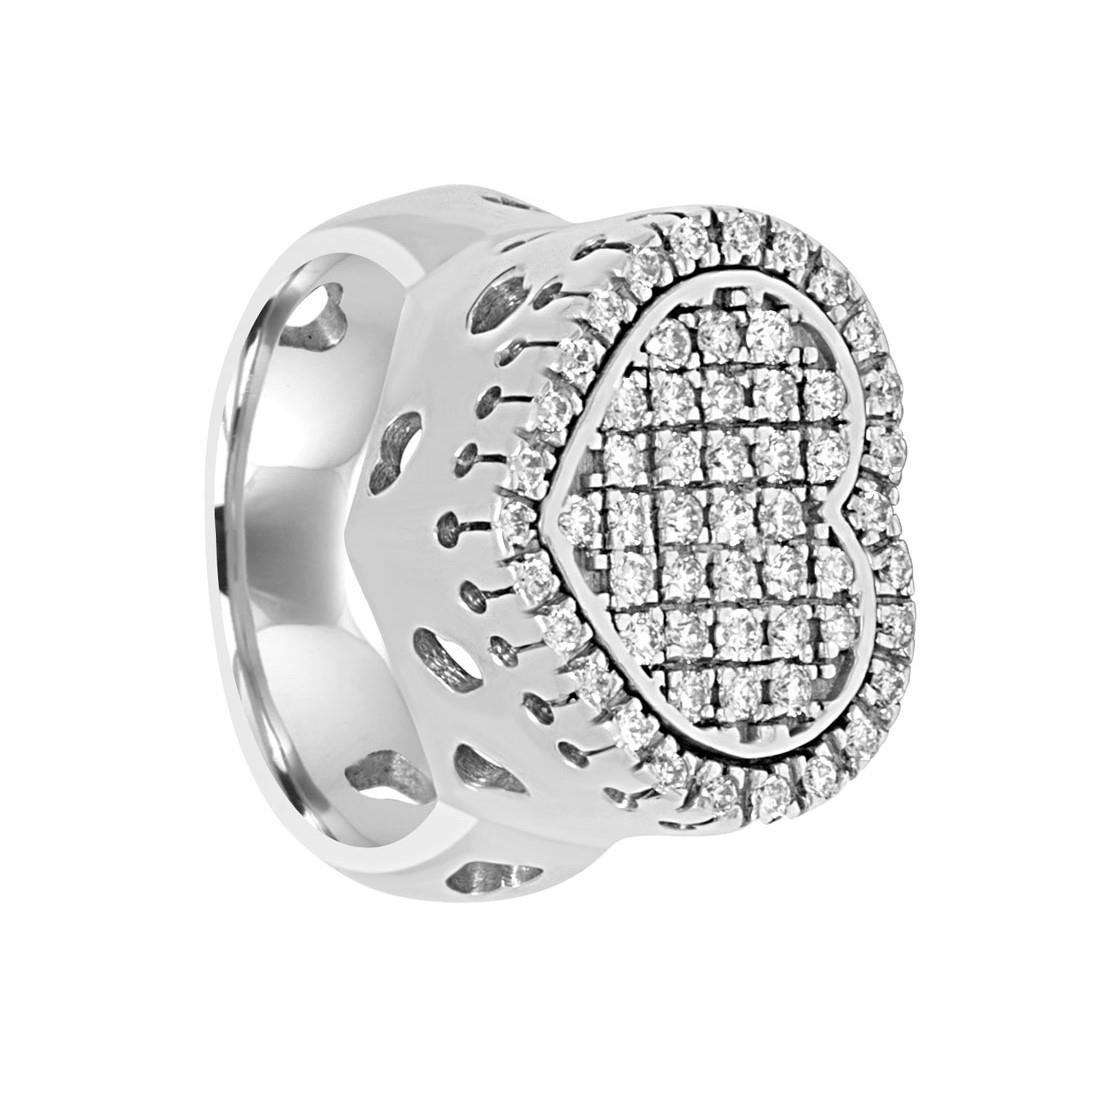 Anello in oro bianco con diamanti ct 0.57, misura 11 - ORO&CO